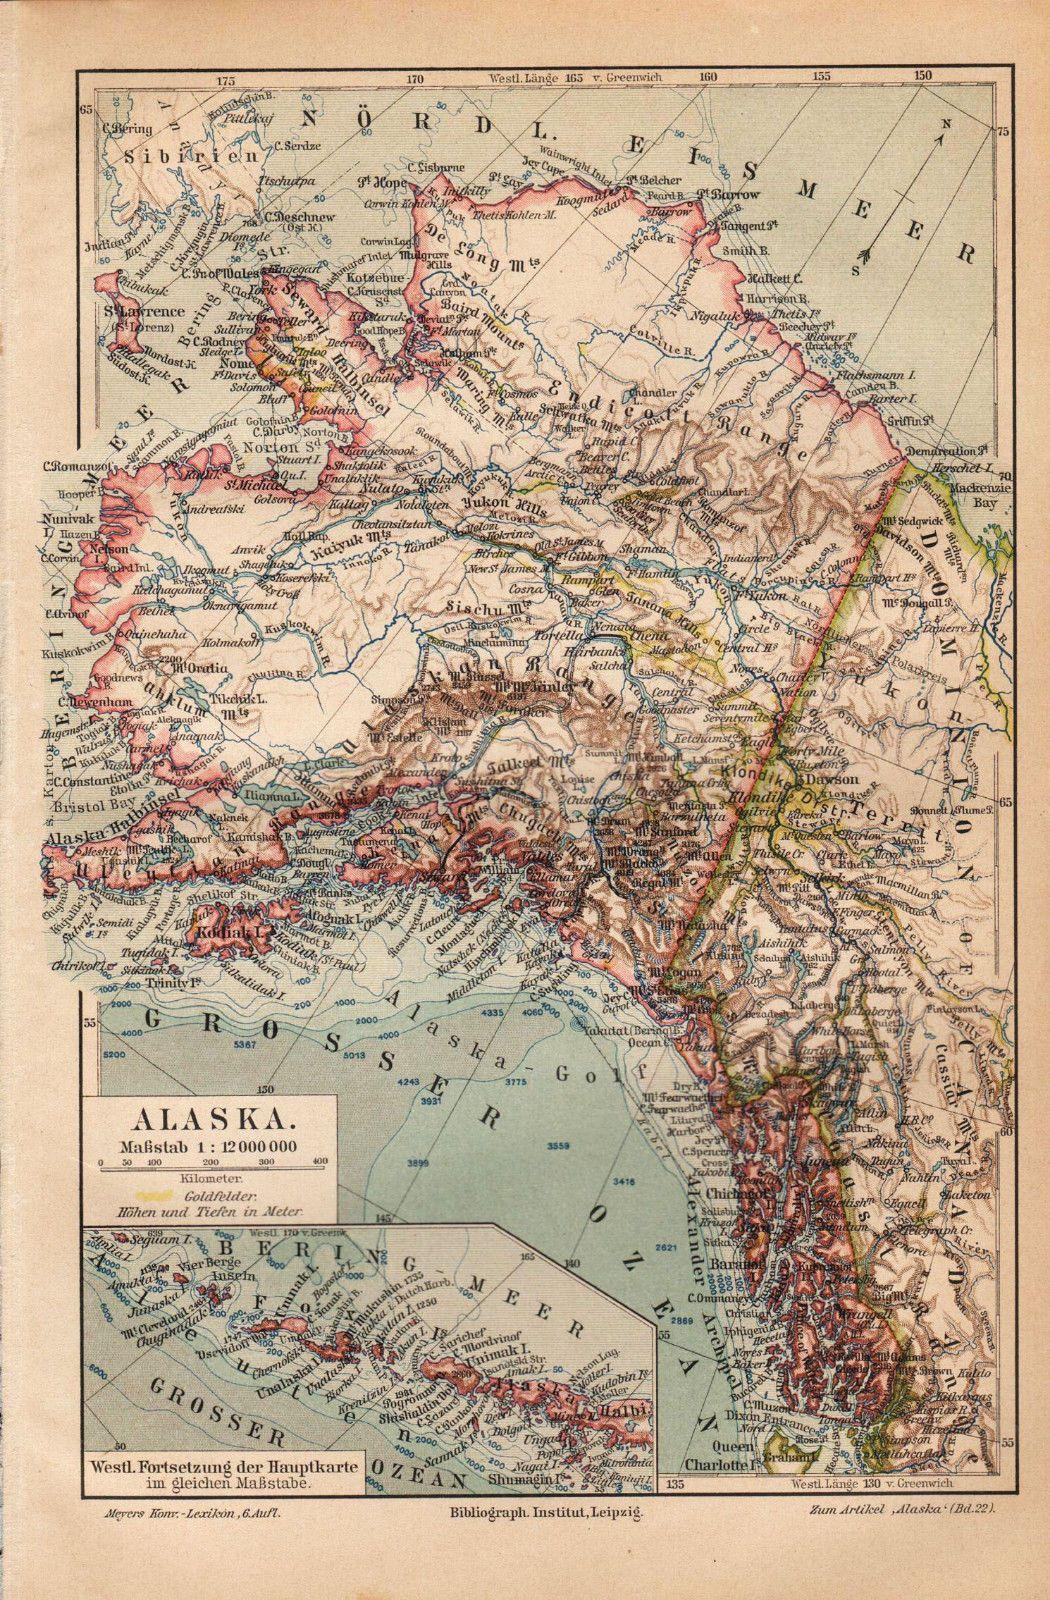 Ca 1890 alaska antique map ebay mapsglobesastrolabes ca 1890 alaska antique map ebay gumiabroncs Choice Image